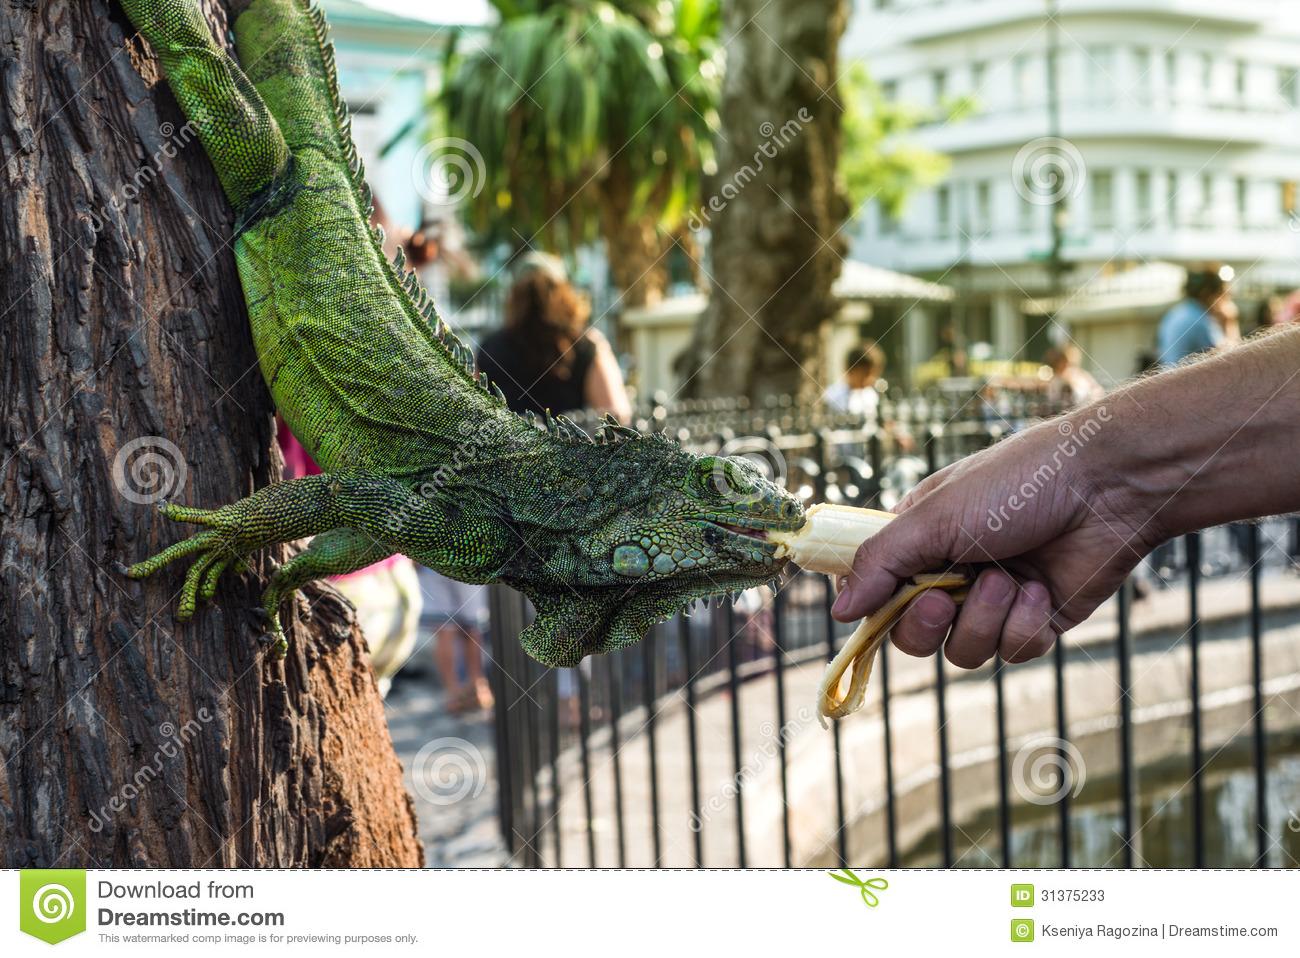 Land Iguana In Bolivar Park, Guayaquil, Ecuador Stock Photos.